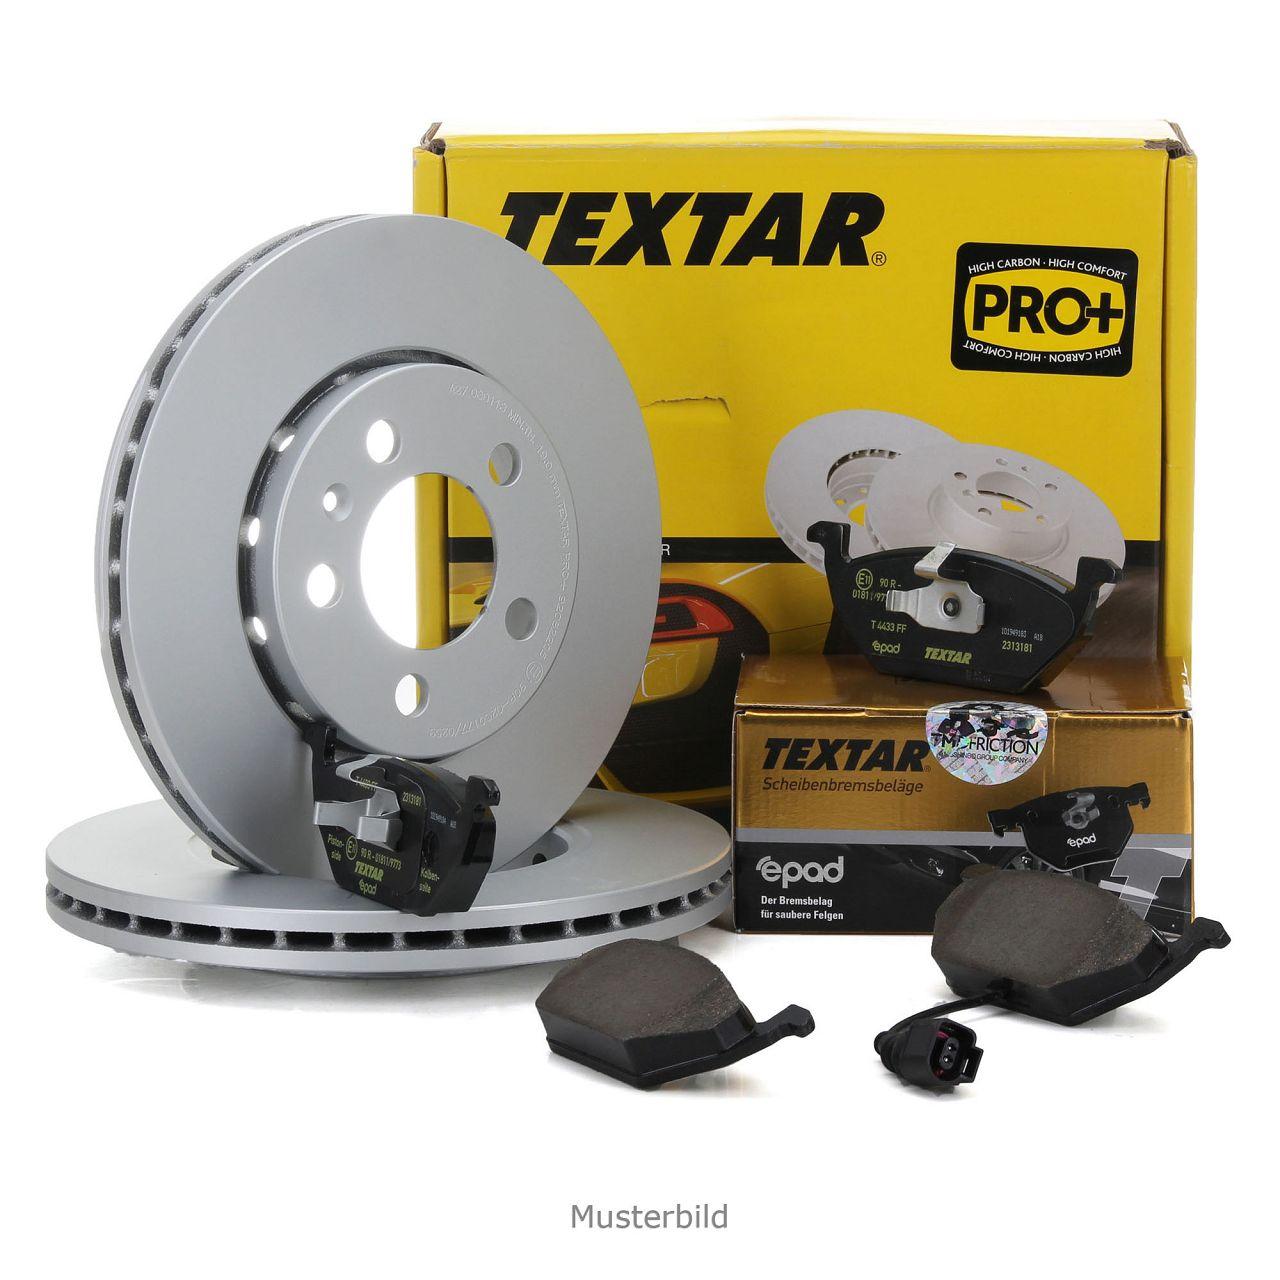 TEXTAR Bremsscheiben + epad Beläge + Wako AUDI A6 (4F C6) PR-1ZL/1LH vorne